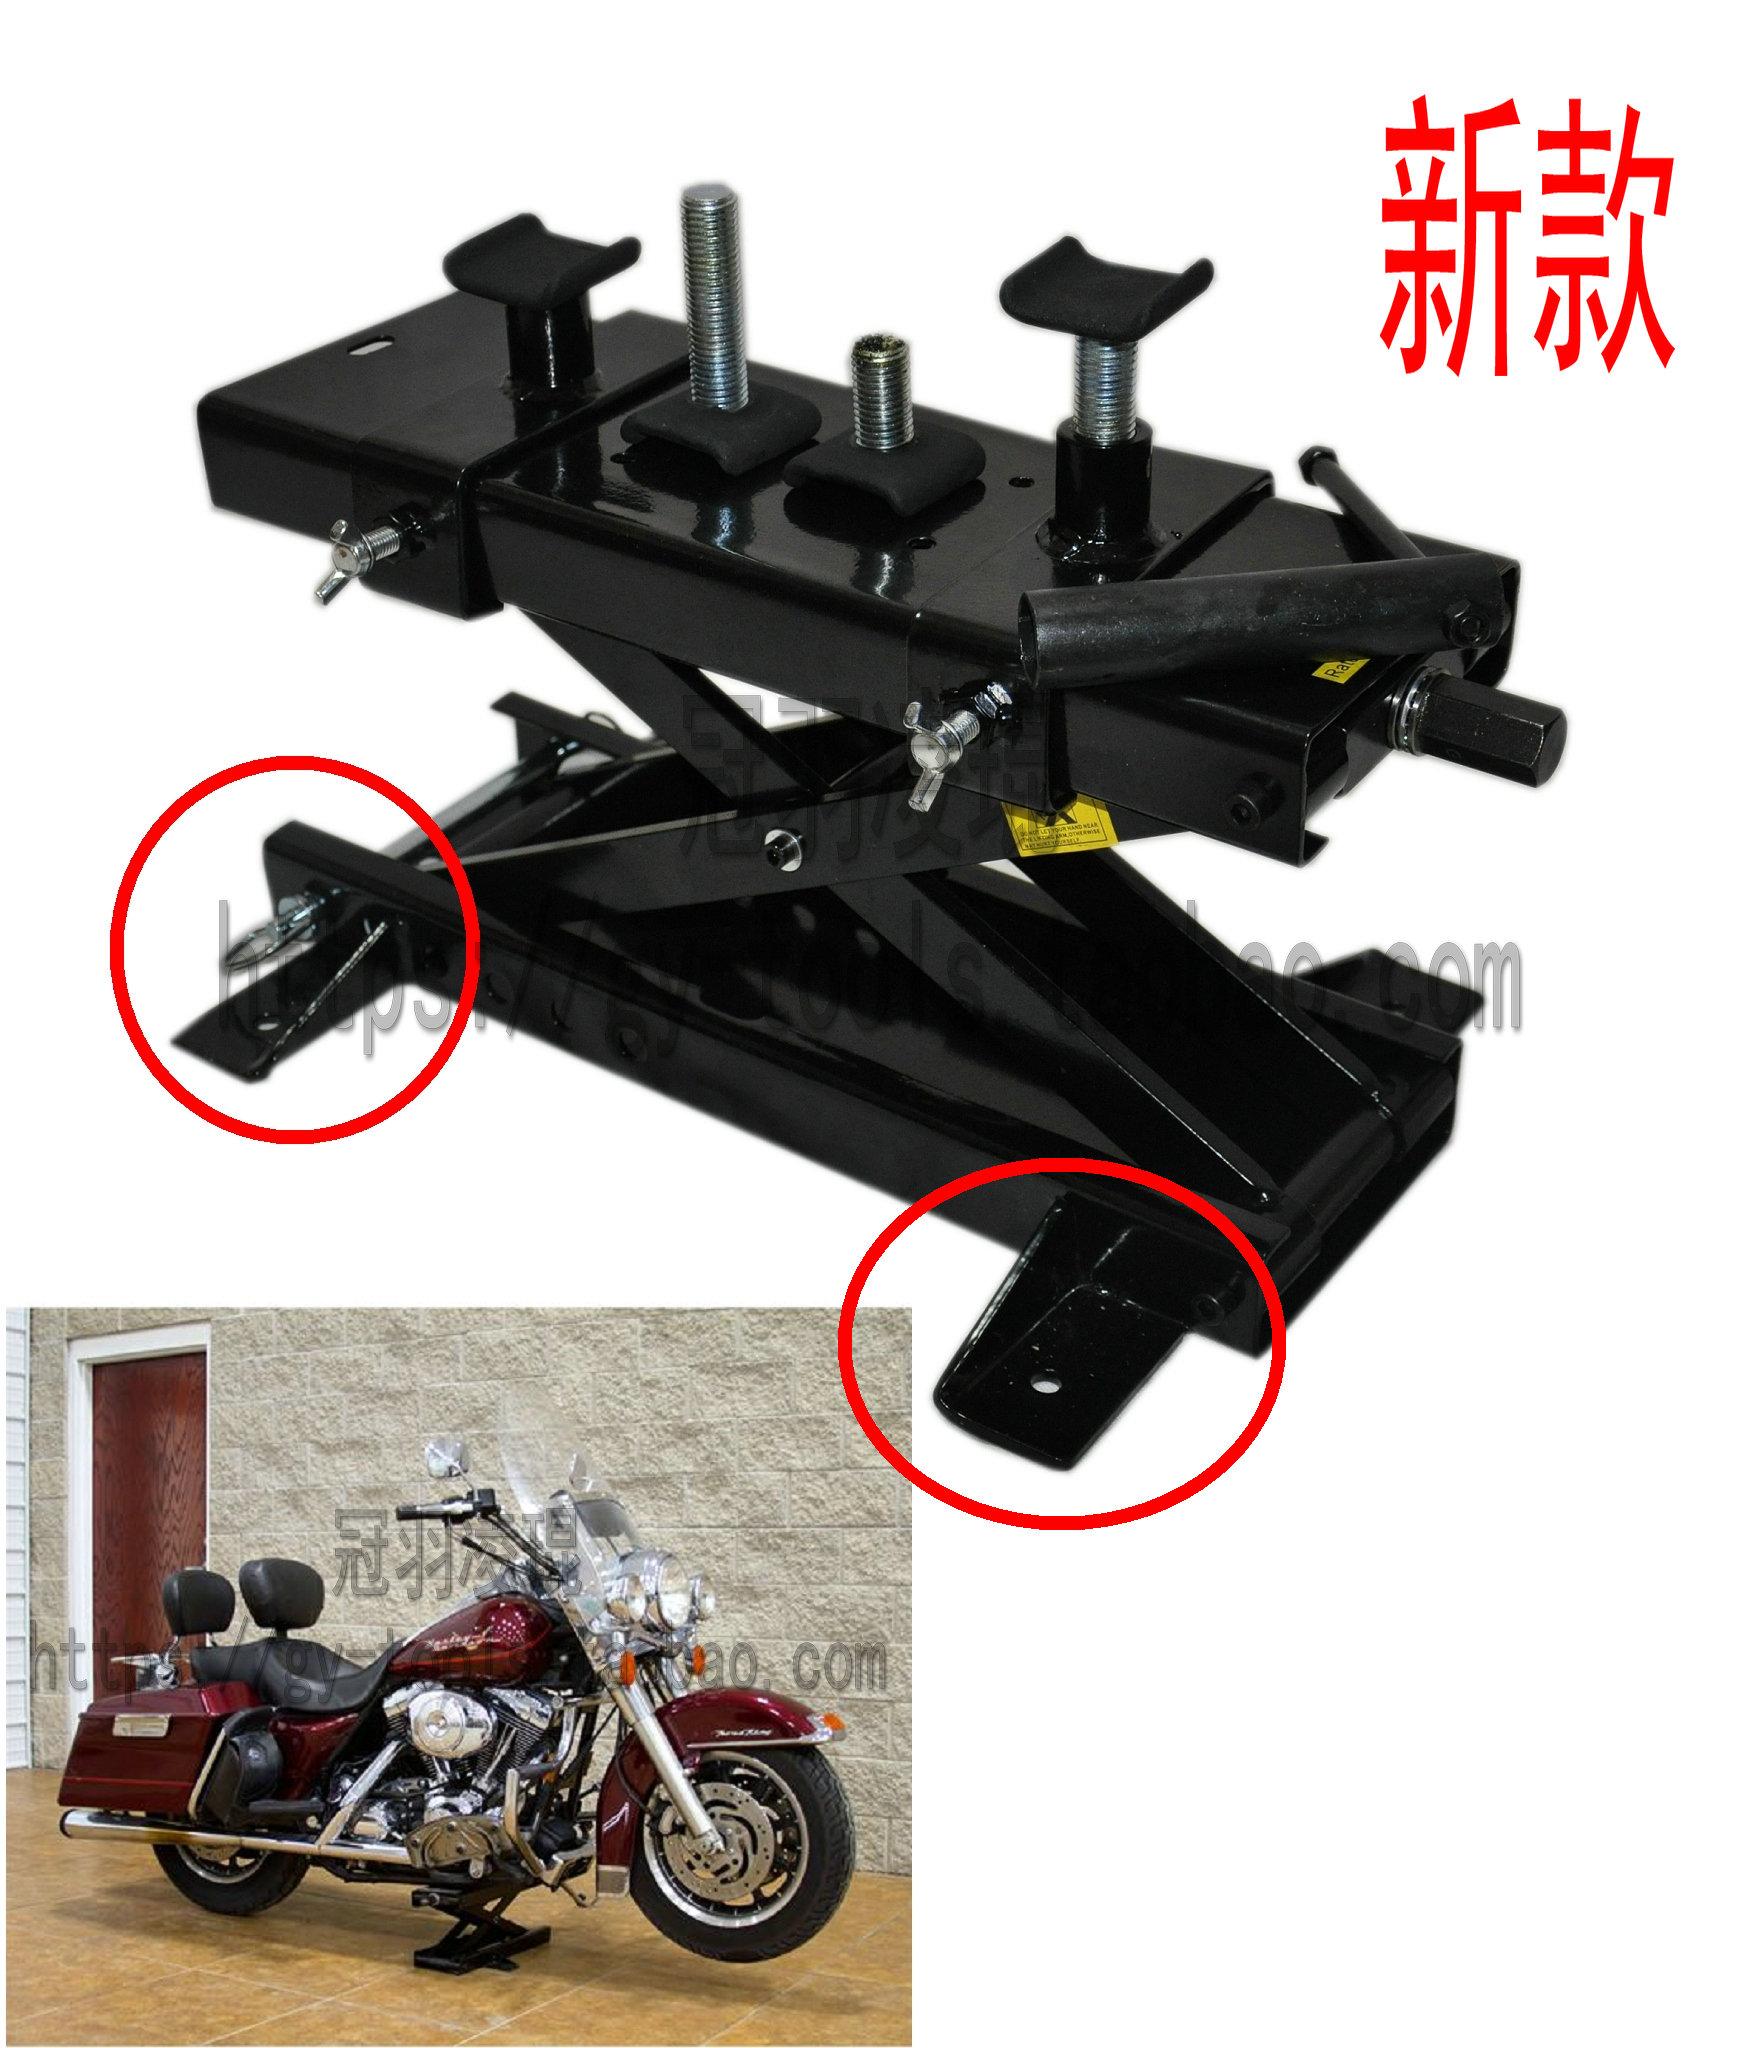 Инструменты для ремонта мотоцикла Артикул 520435004838